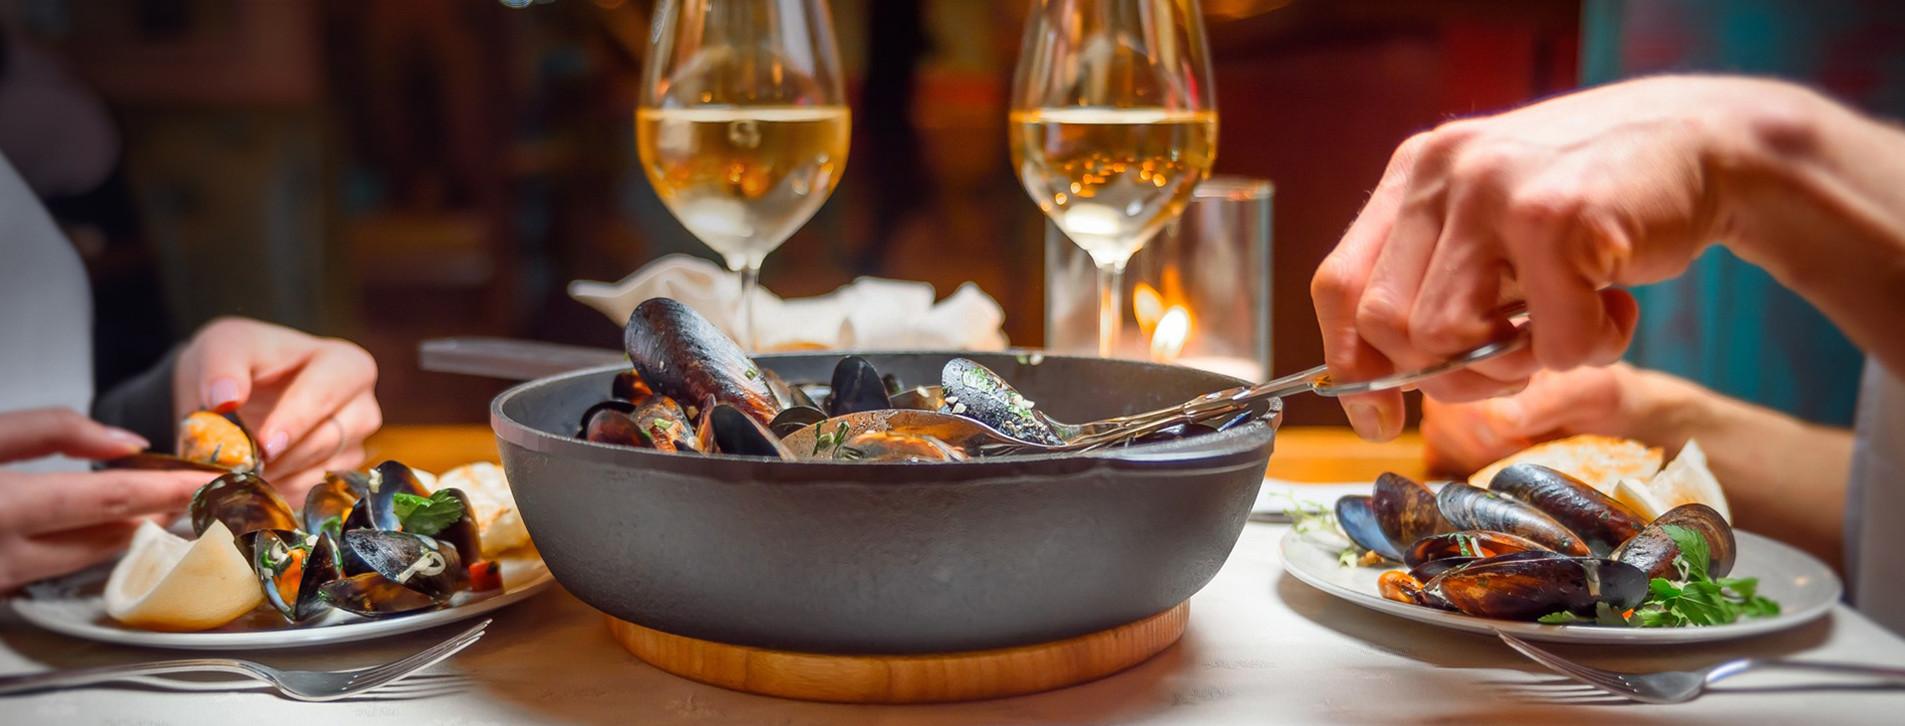 Фото - Вечеря в середземноморському ресторані